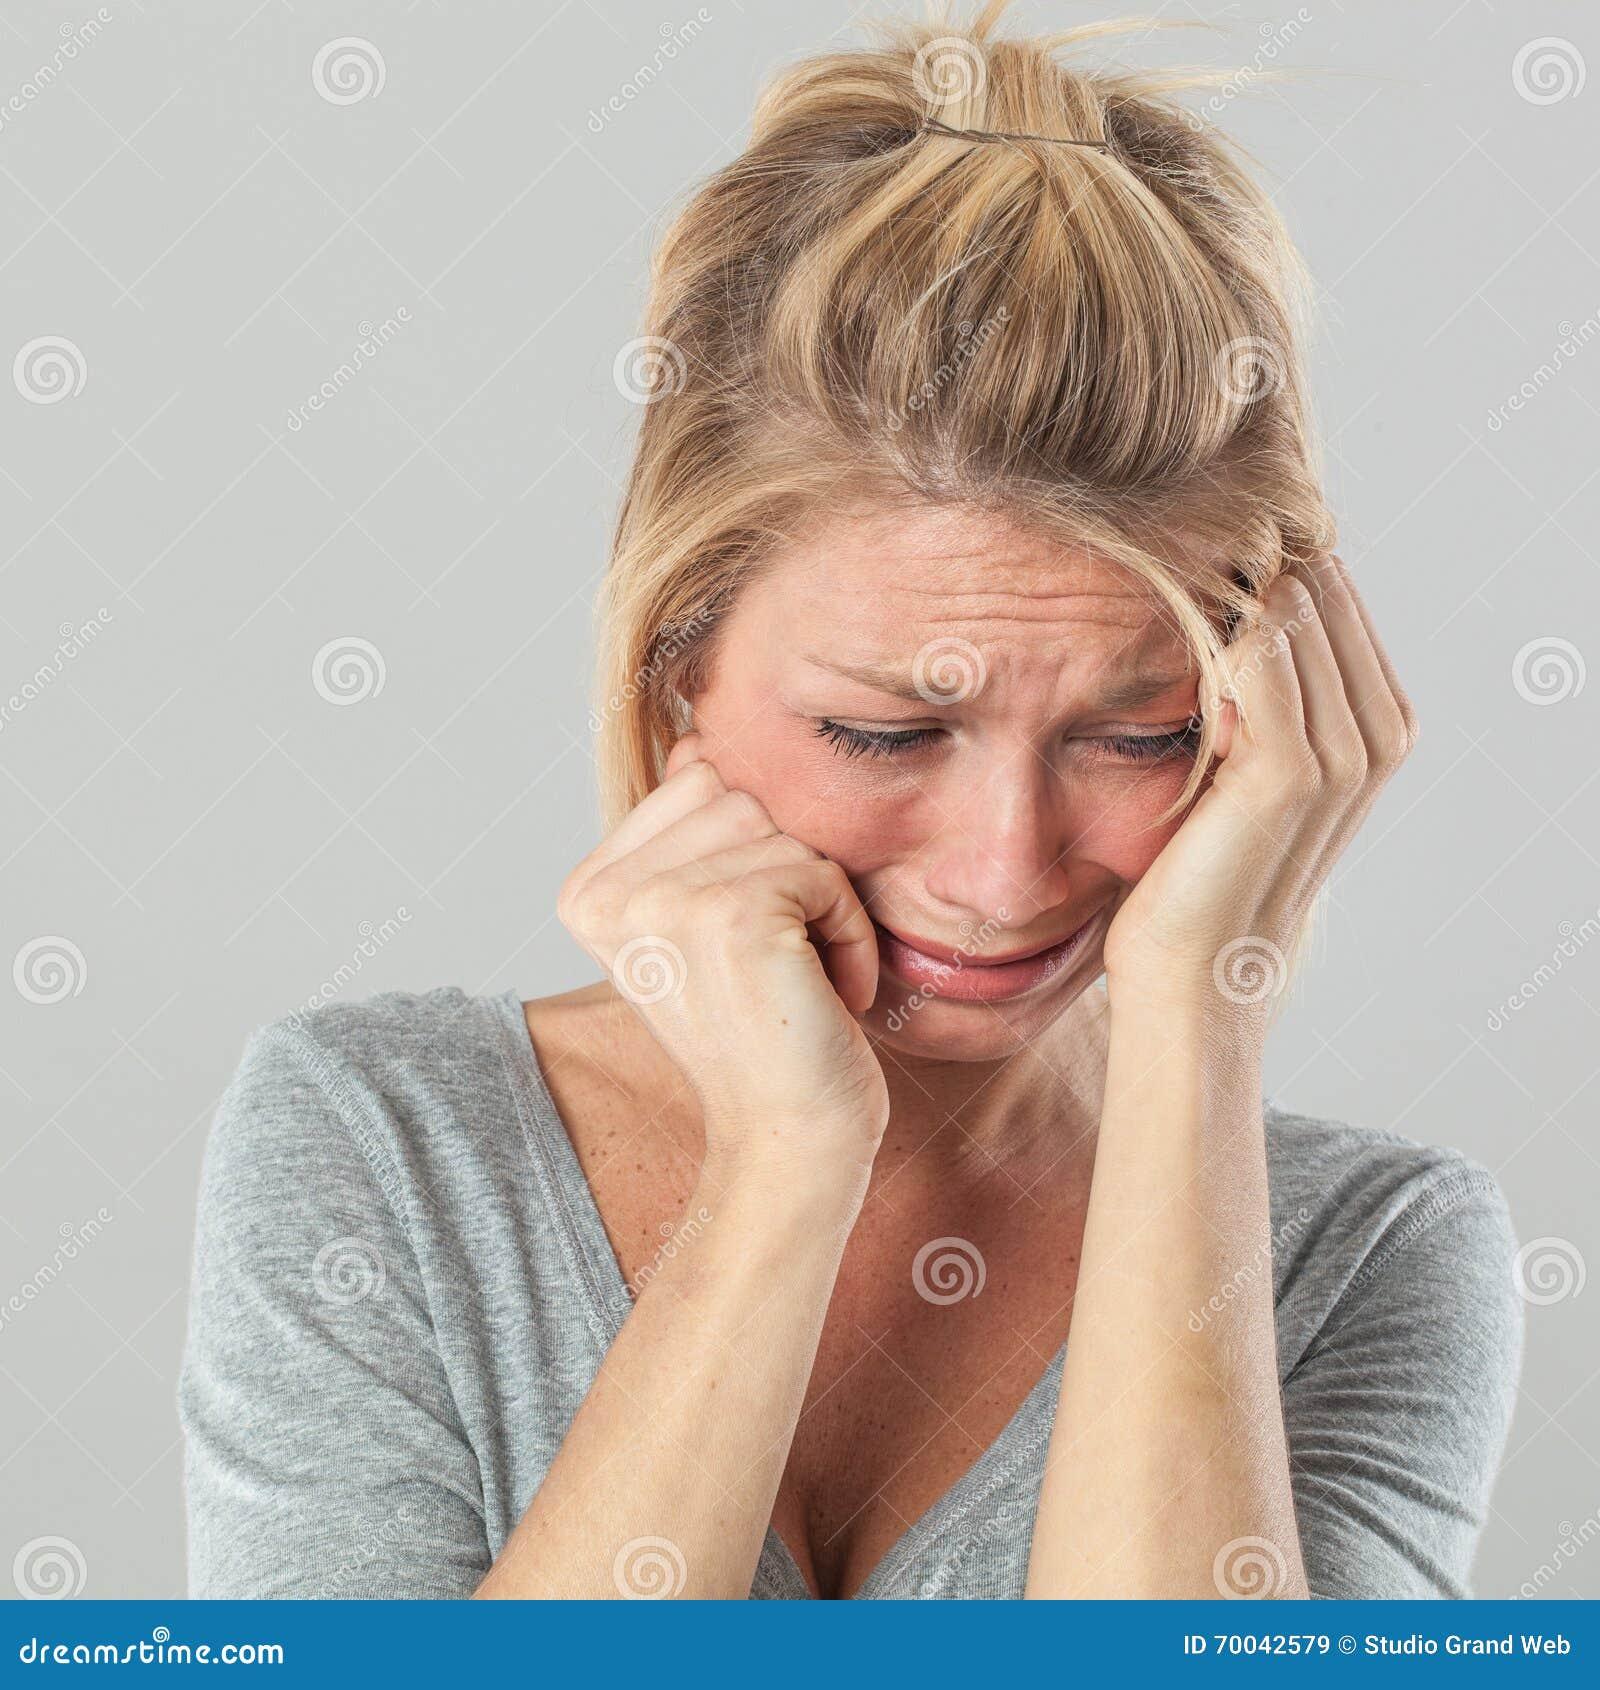 沮丧的妇女在表现出的痛苦中遗憾和悲伤